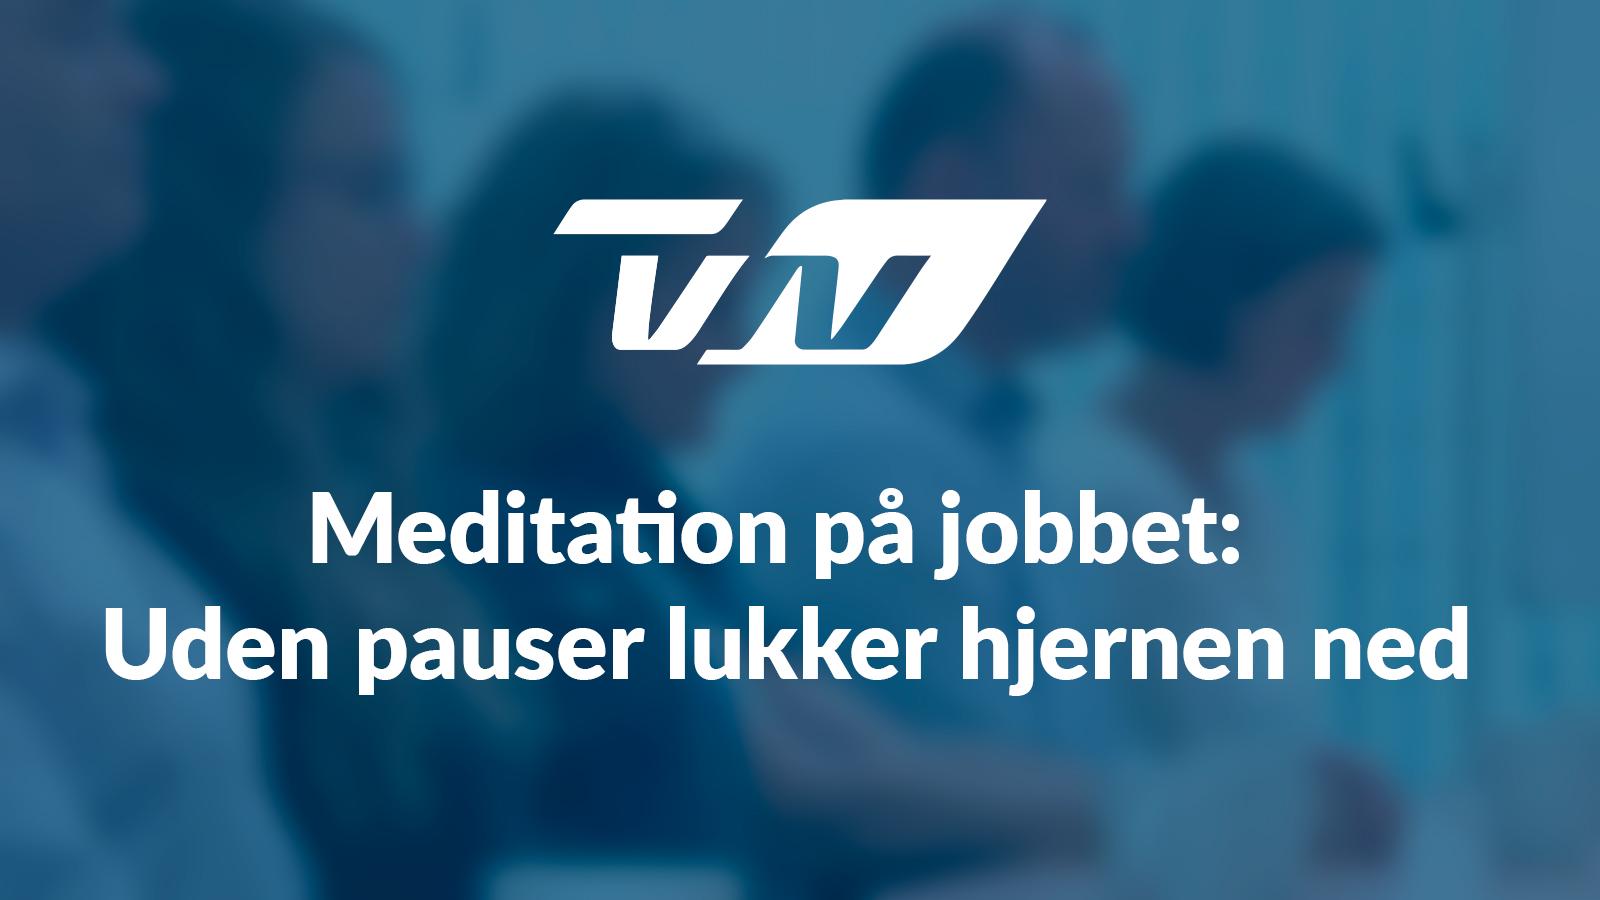 Link til artikel omkring zen mod stress i TV2 Nord